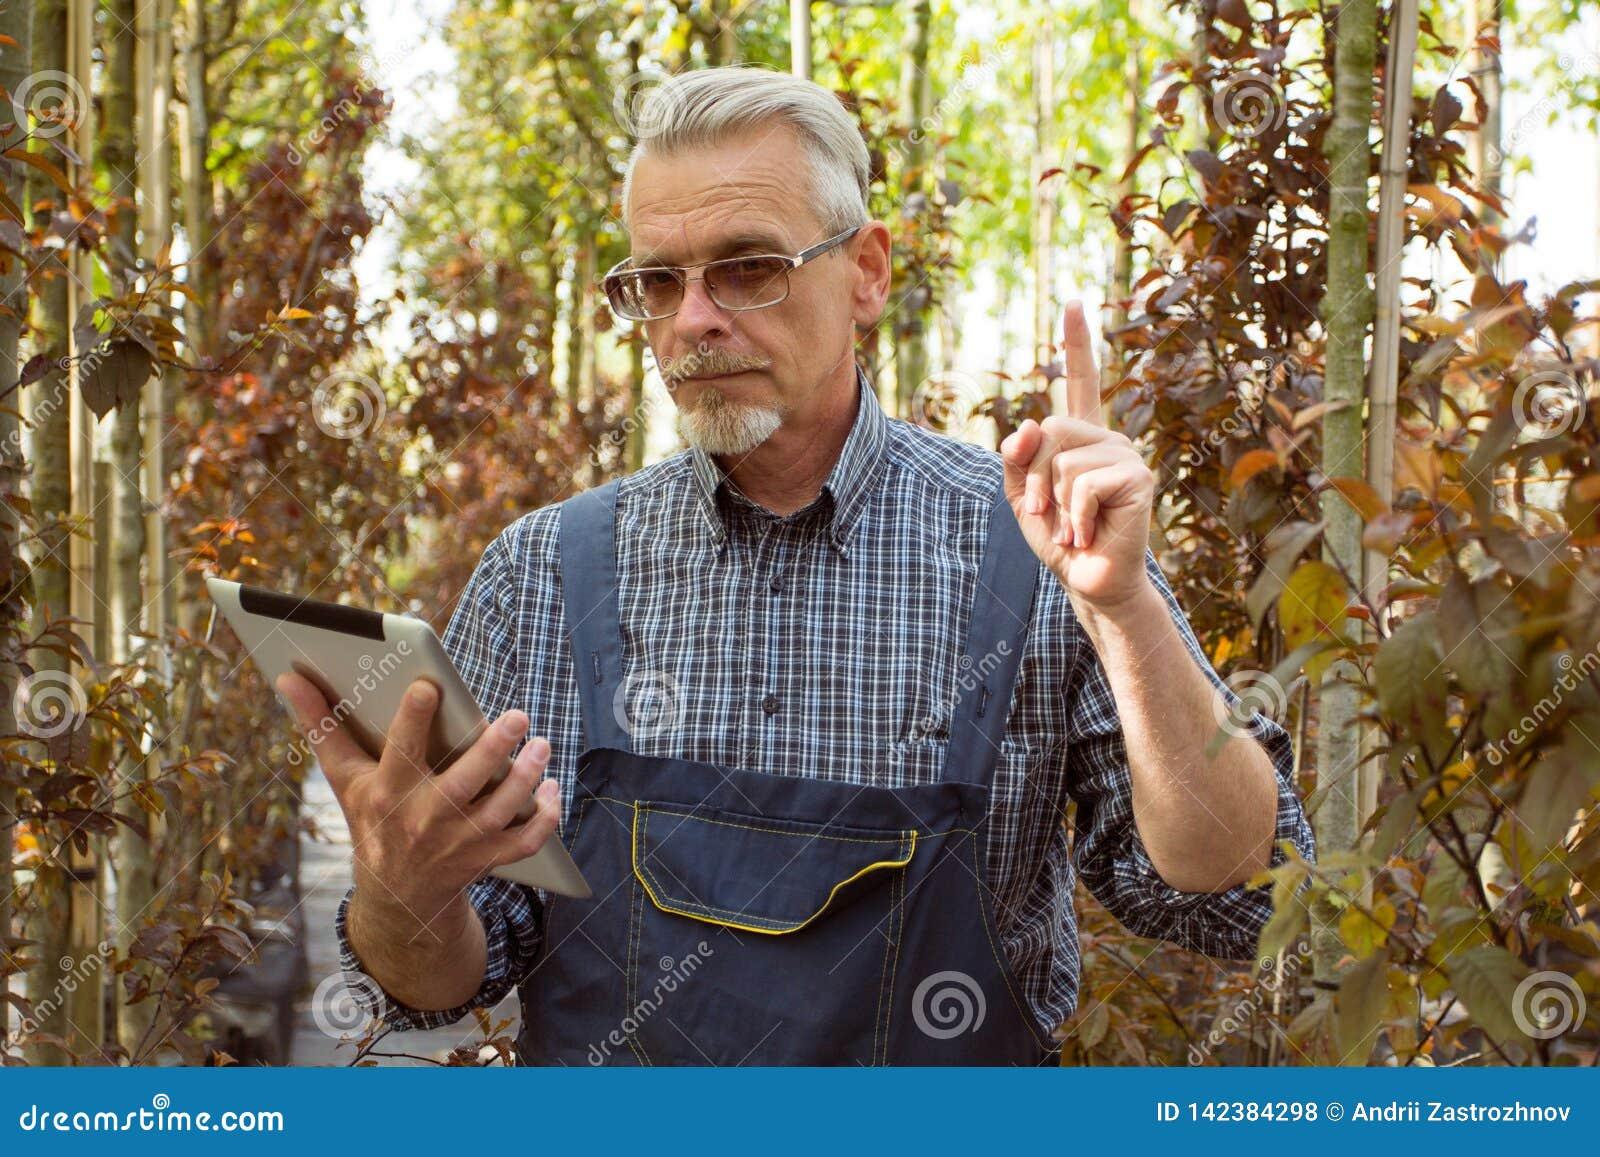 Κηπουρός με μια περιοχή αποκομμάτων στα χέρια του Γενετικά τροποποιημένα φυτά